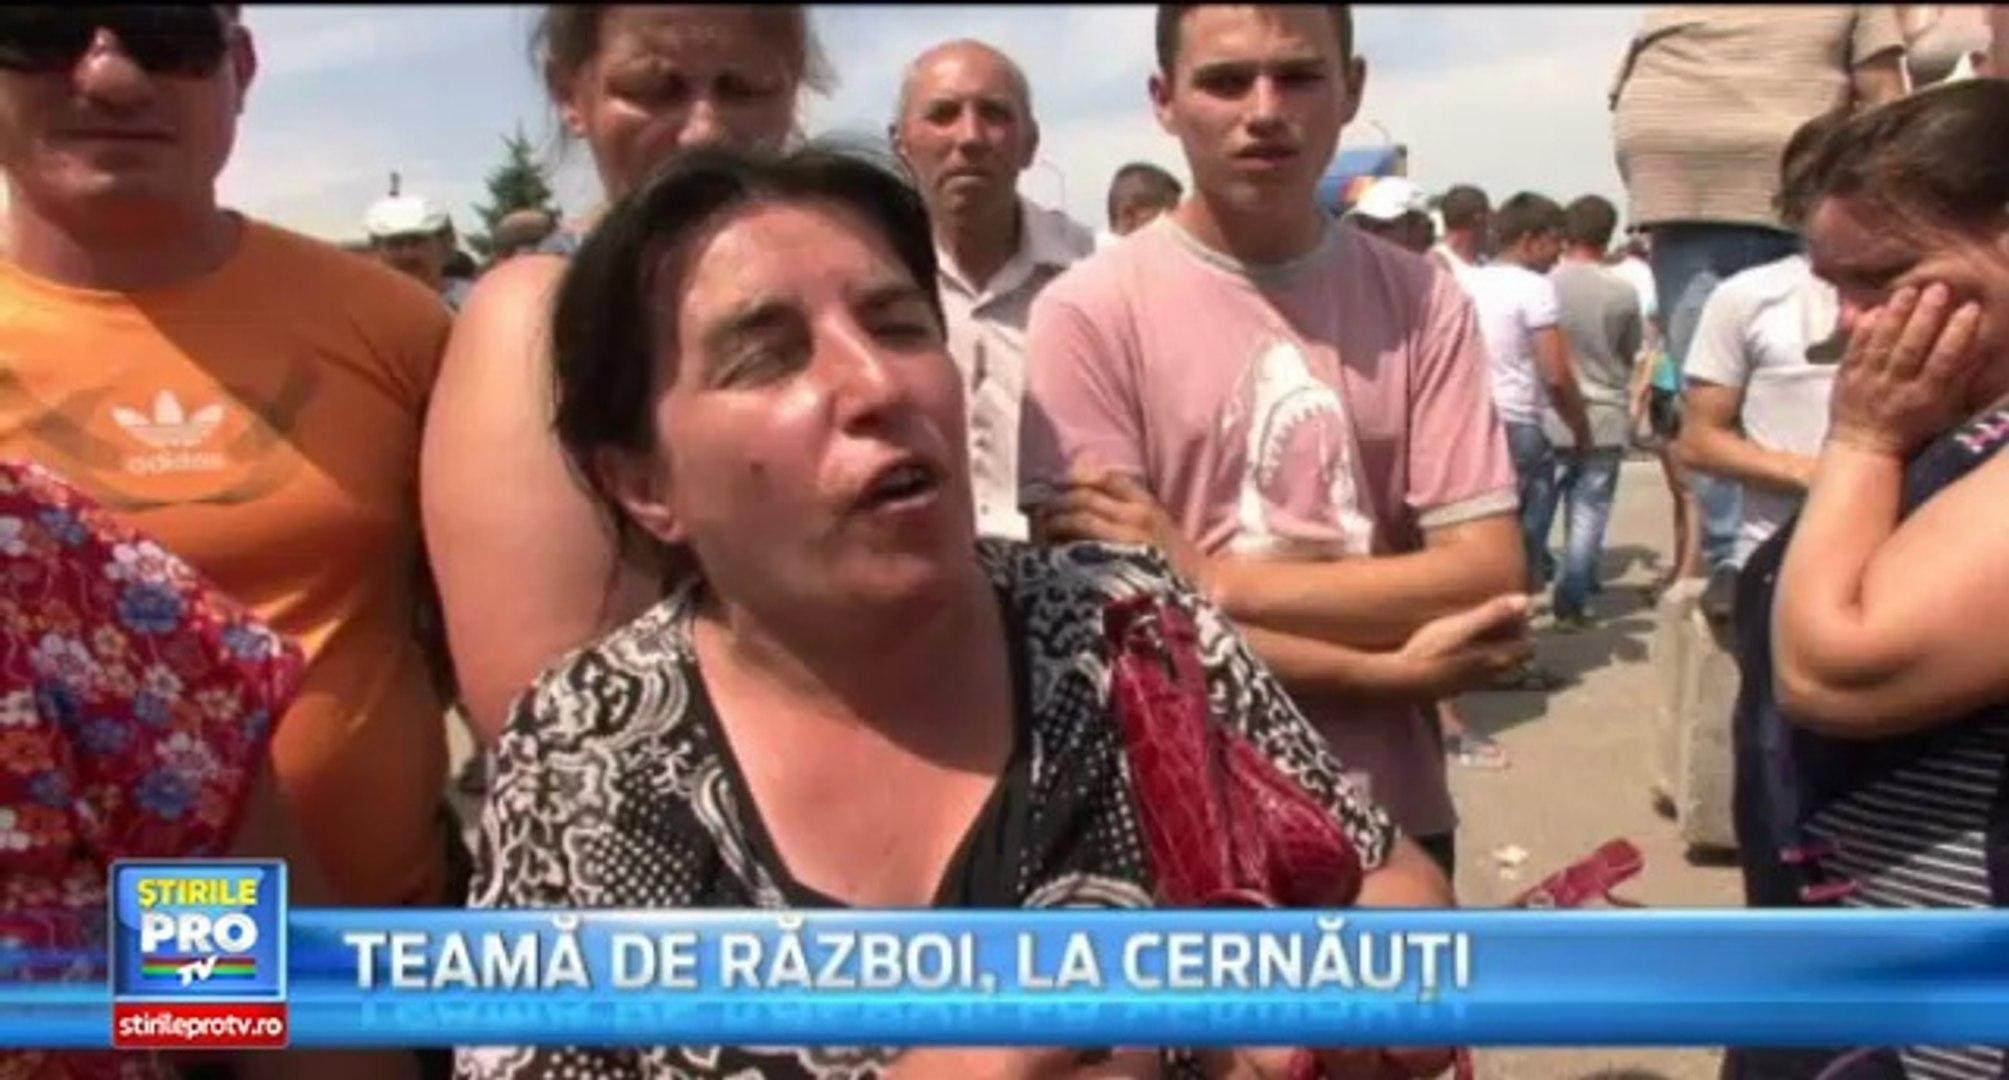 Tensiuni la granița de nord a României. Sute de oameni din Cernăuți au blocat străzile, temându-se c